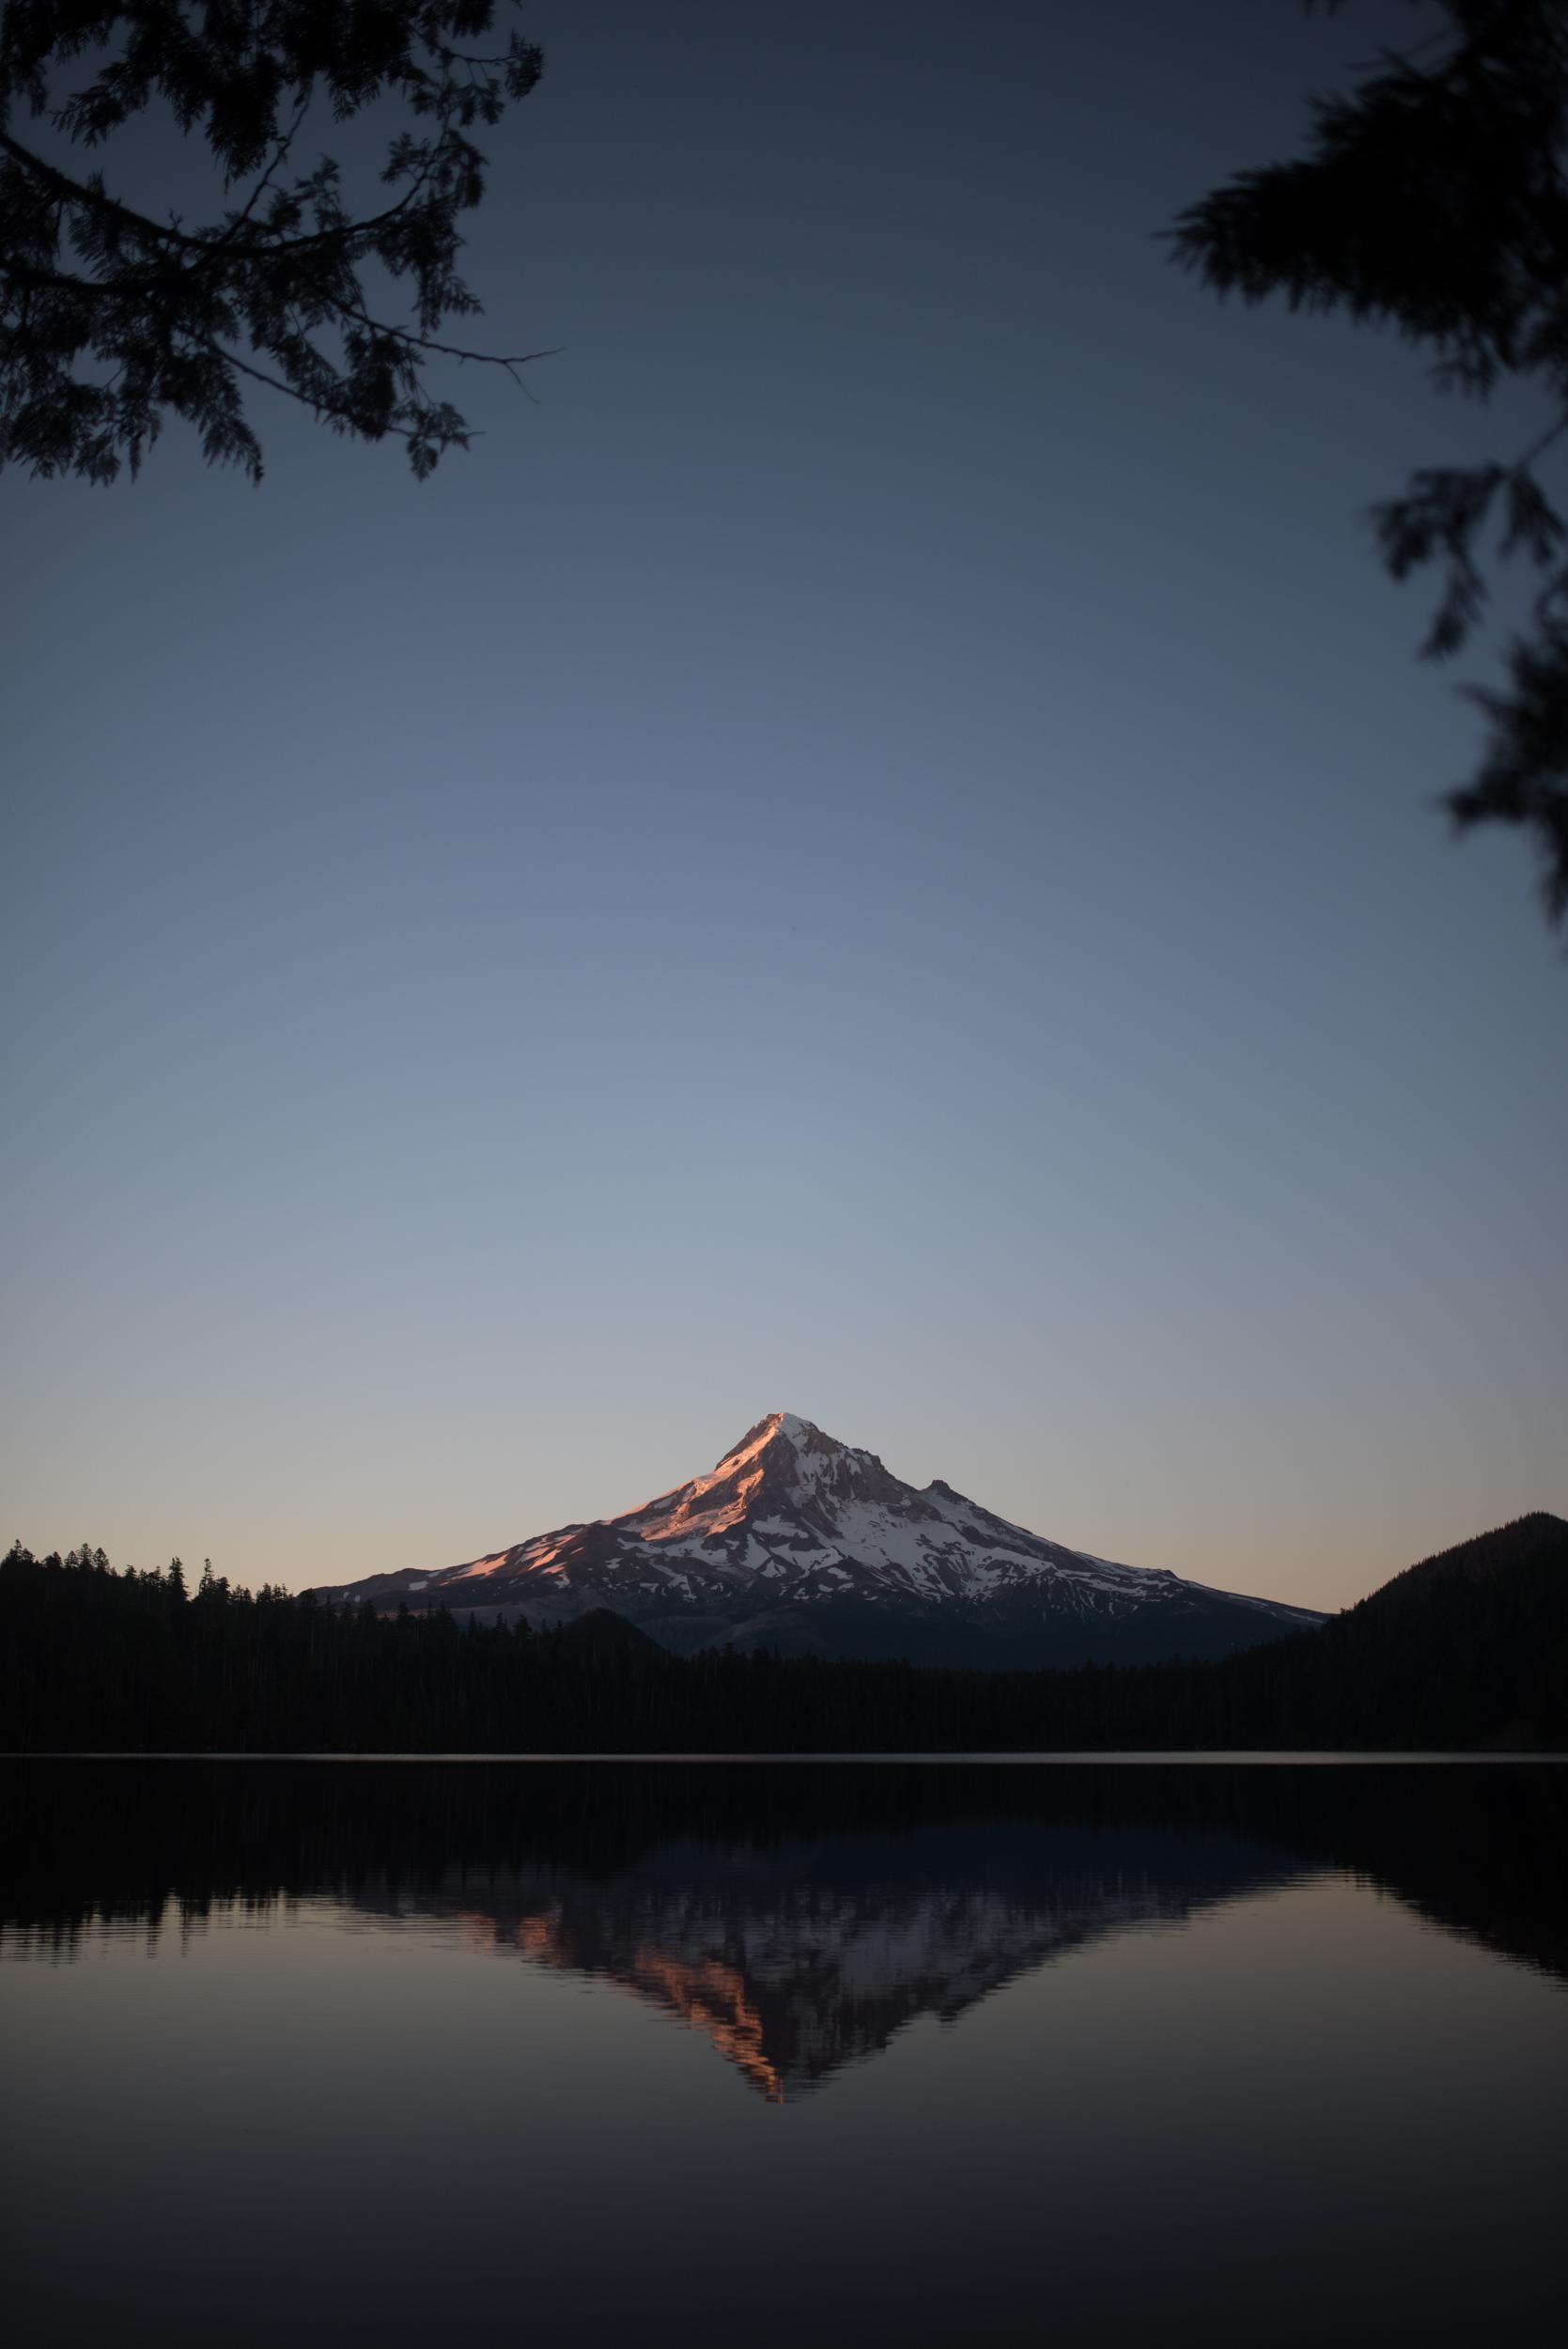 07-22-17 Mt. Hood_0767.jpg